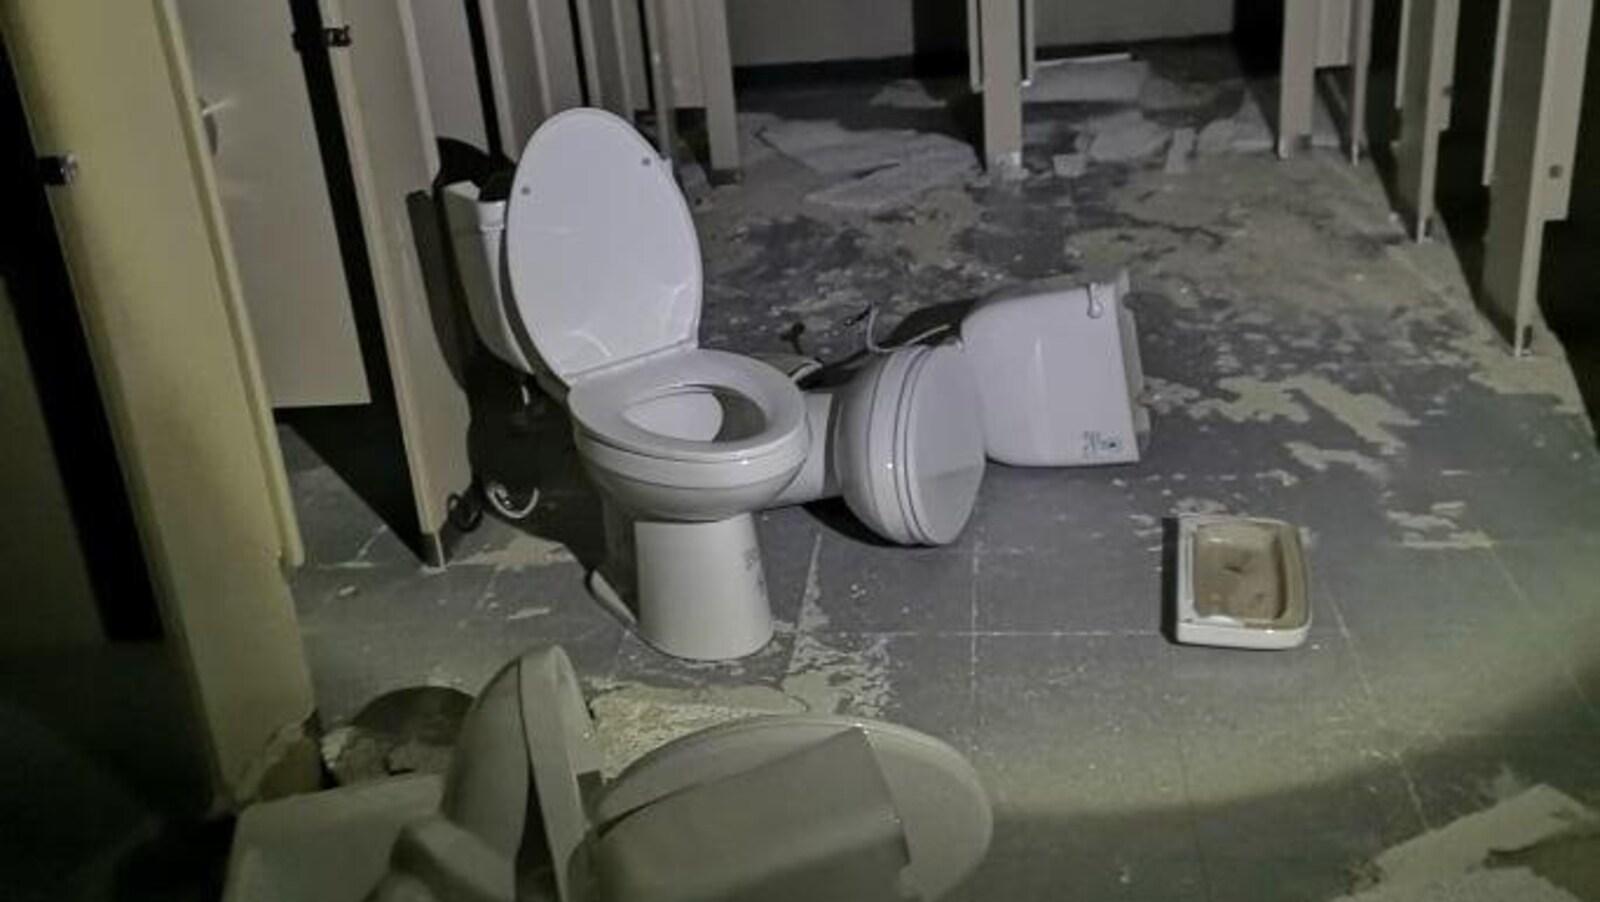 Deux toilettes sont endommagées dans le centre.